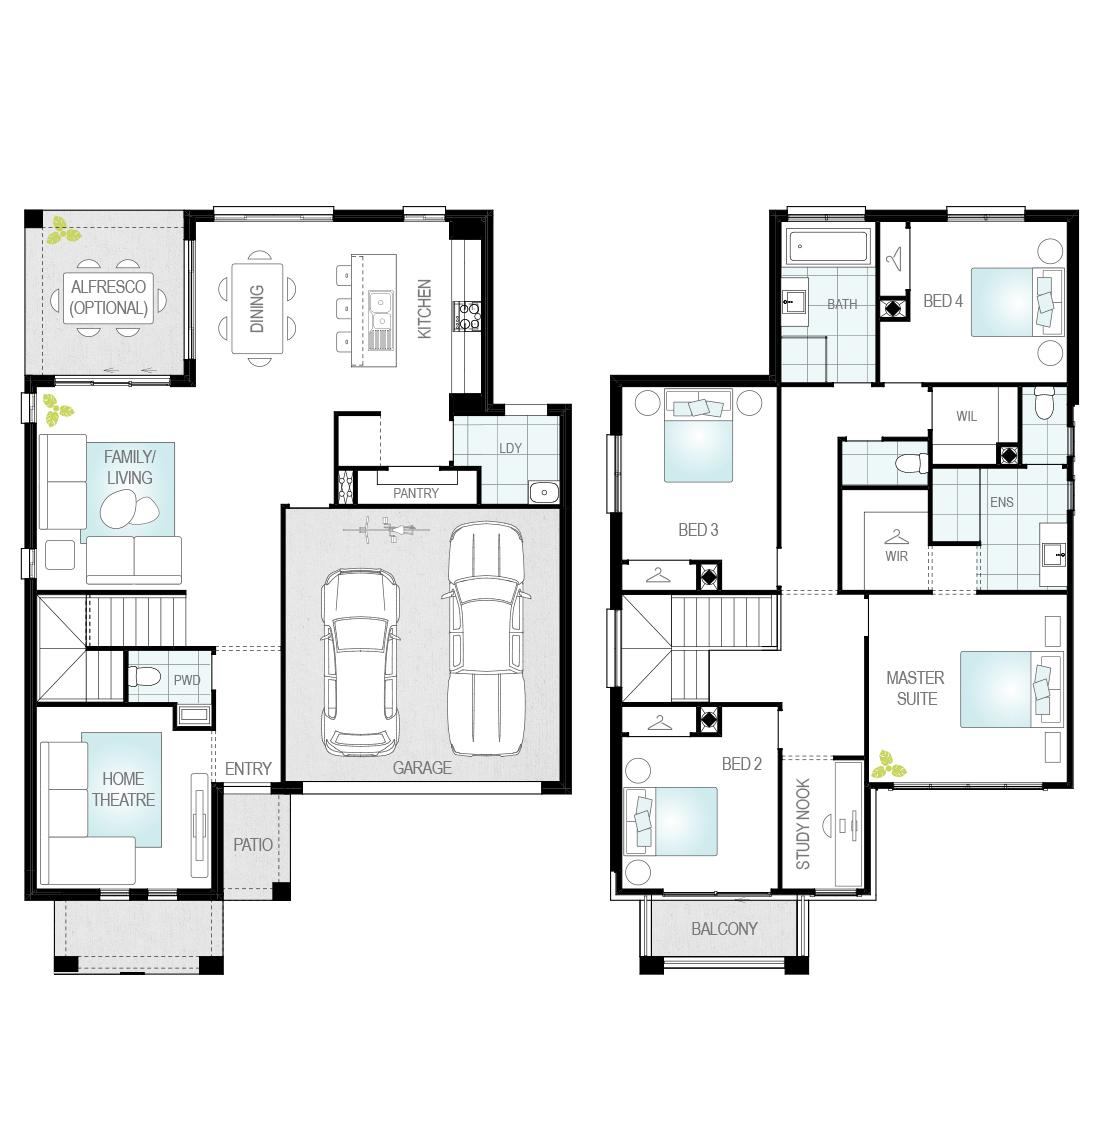 Lurento One - Single Storey Floor Plan - McDonald Jones